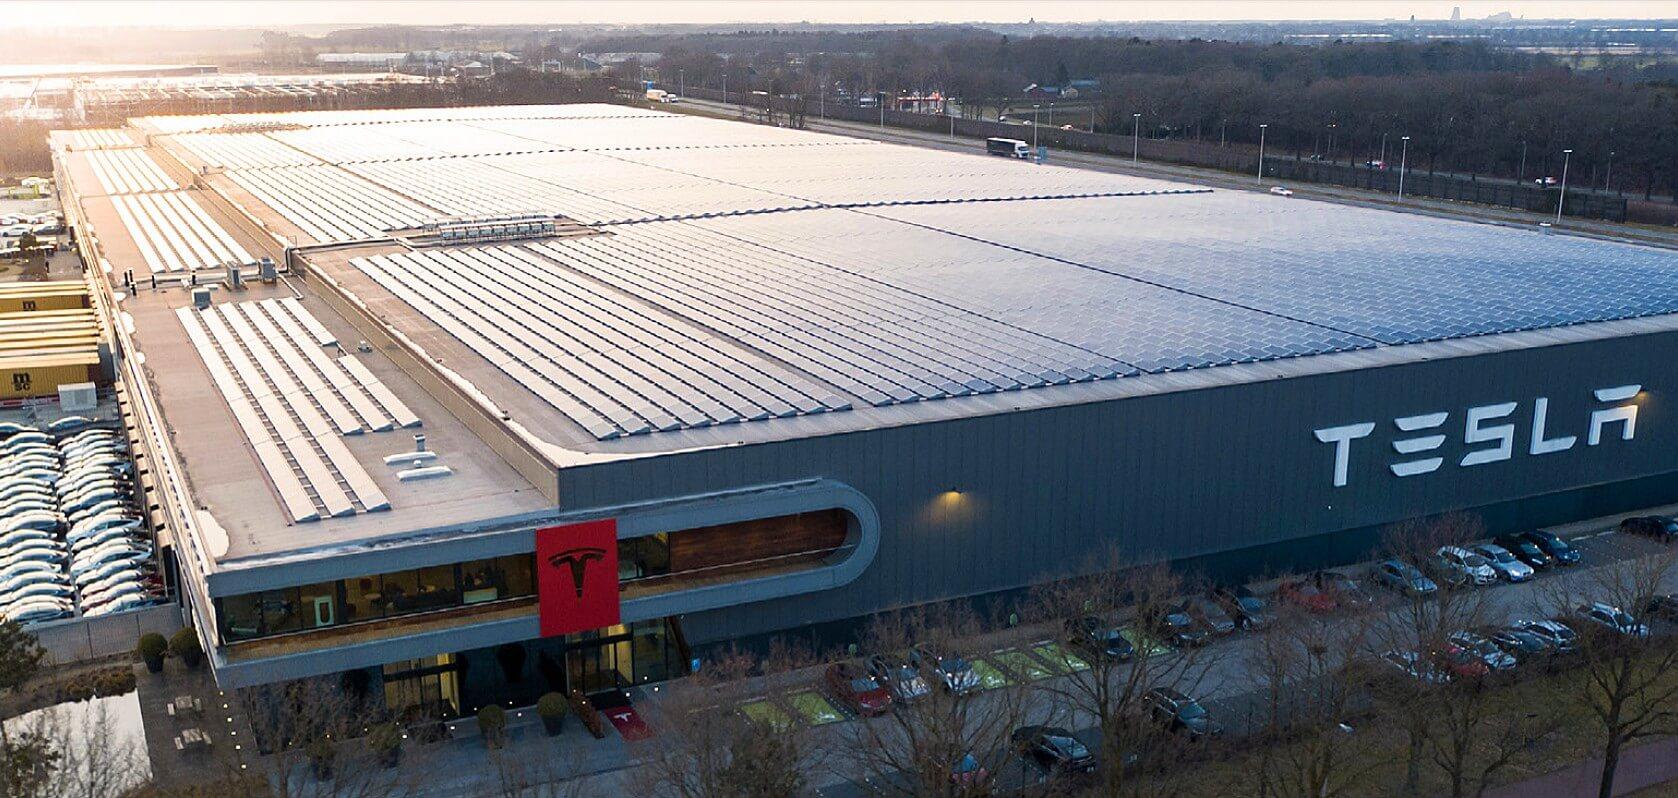 Слухи о Tesla Gigafactory в Великобритании снова вспыхивают, поскольку министр поддерживает сайт Сомерсета